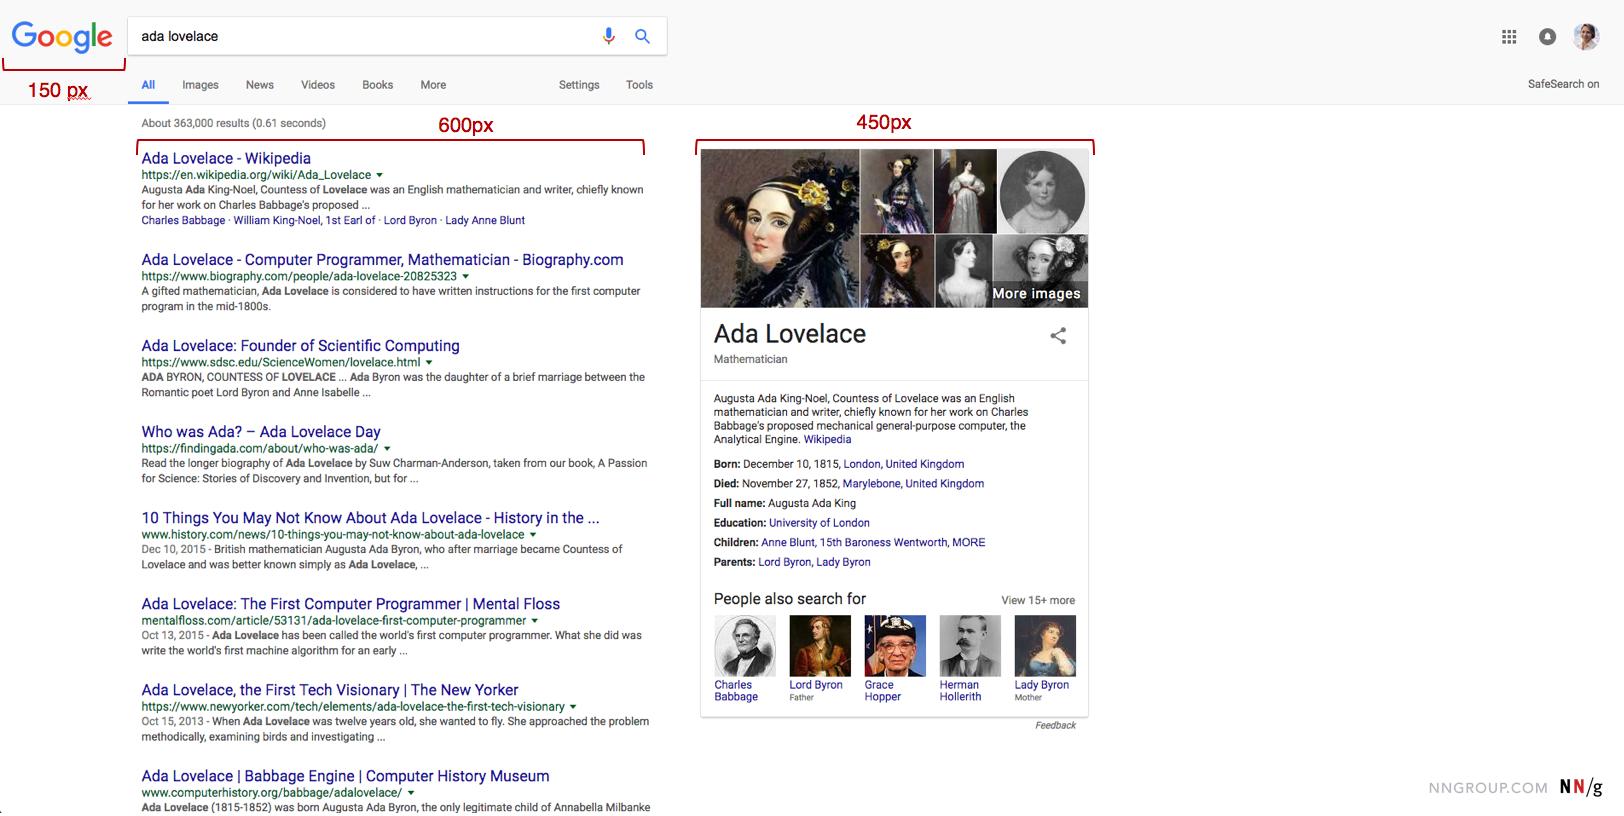 стандартная организация страницы выдачи Google